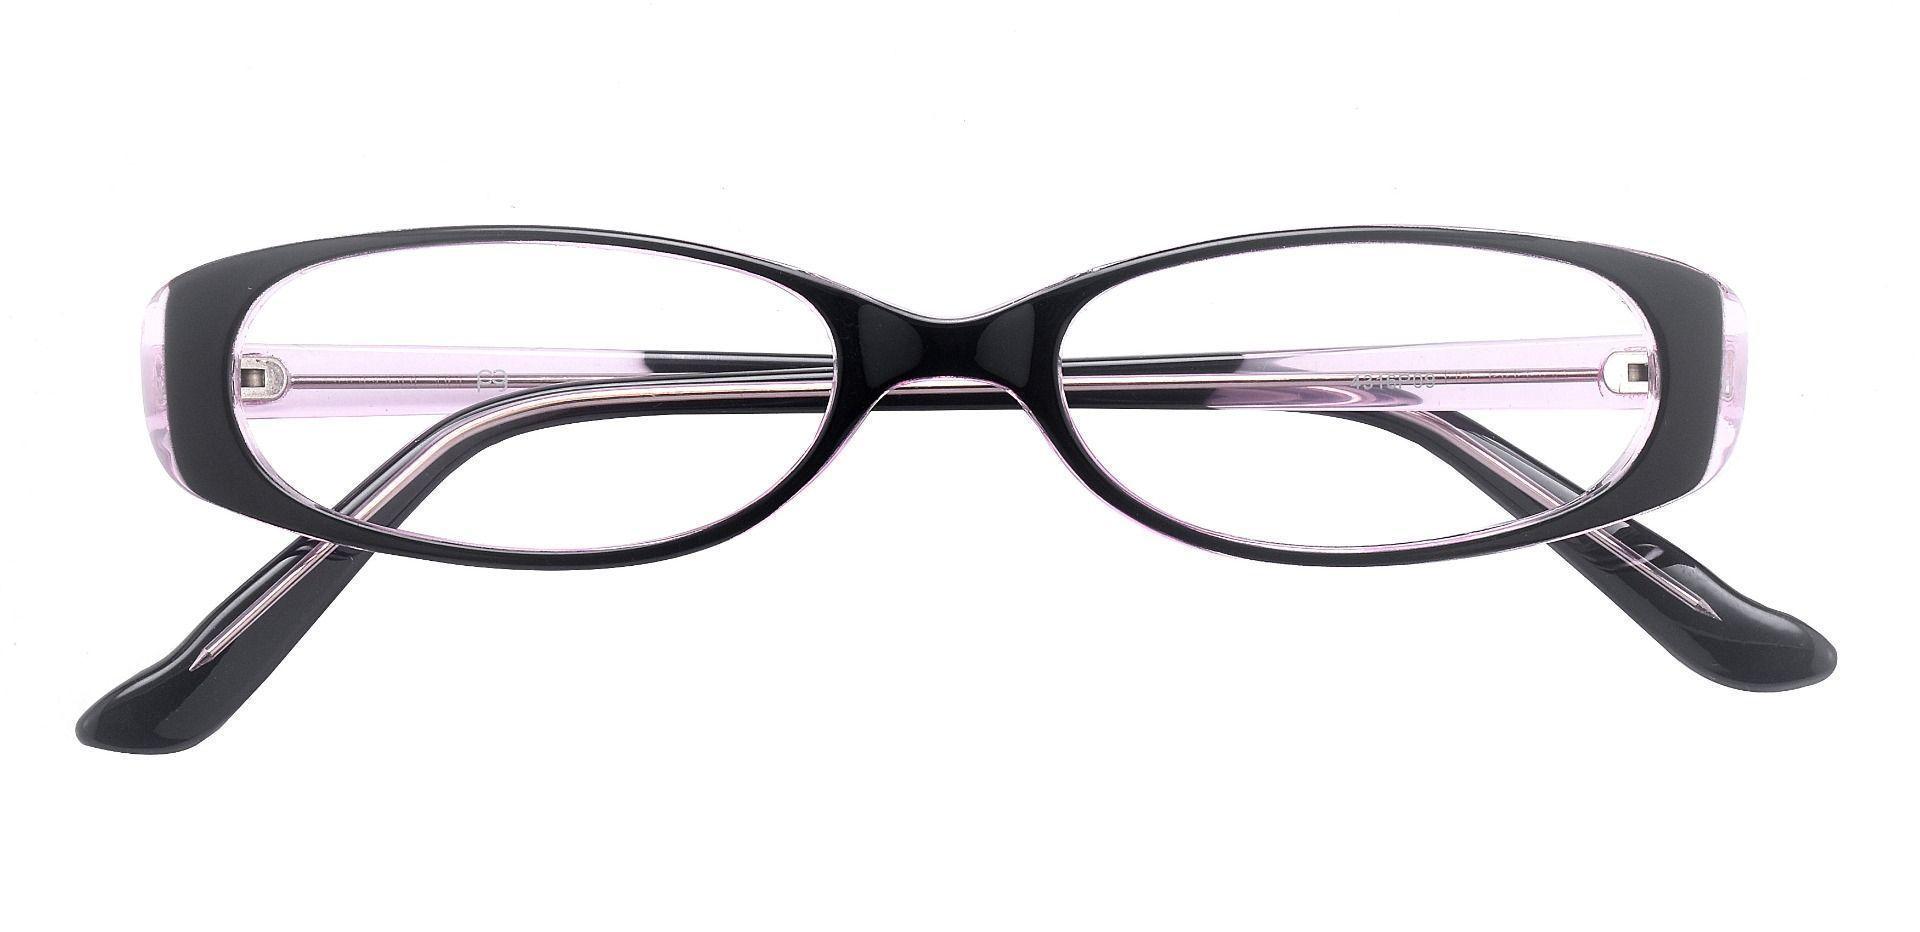 Venetia Oval Single Vision Glasses - Black Purple Crystal